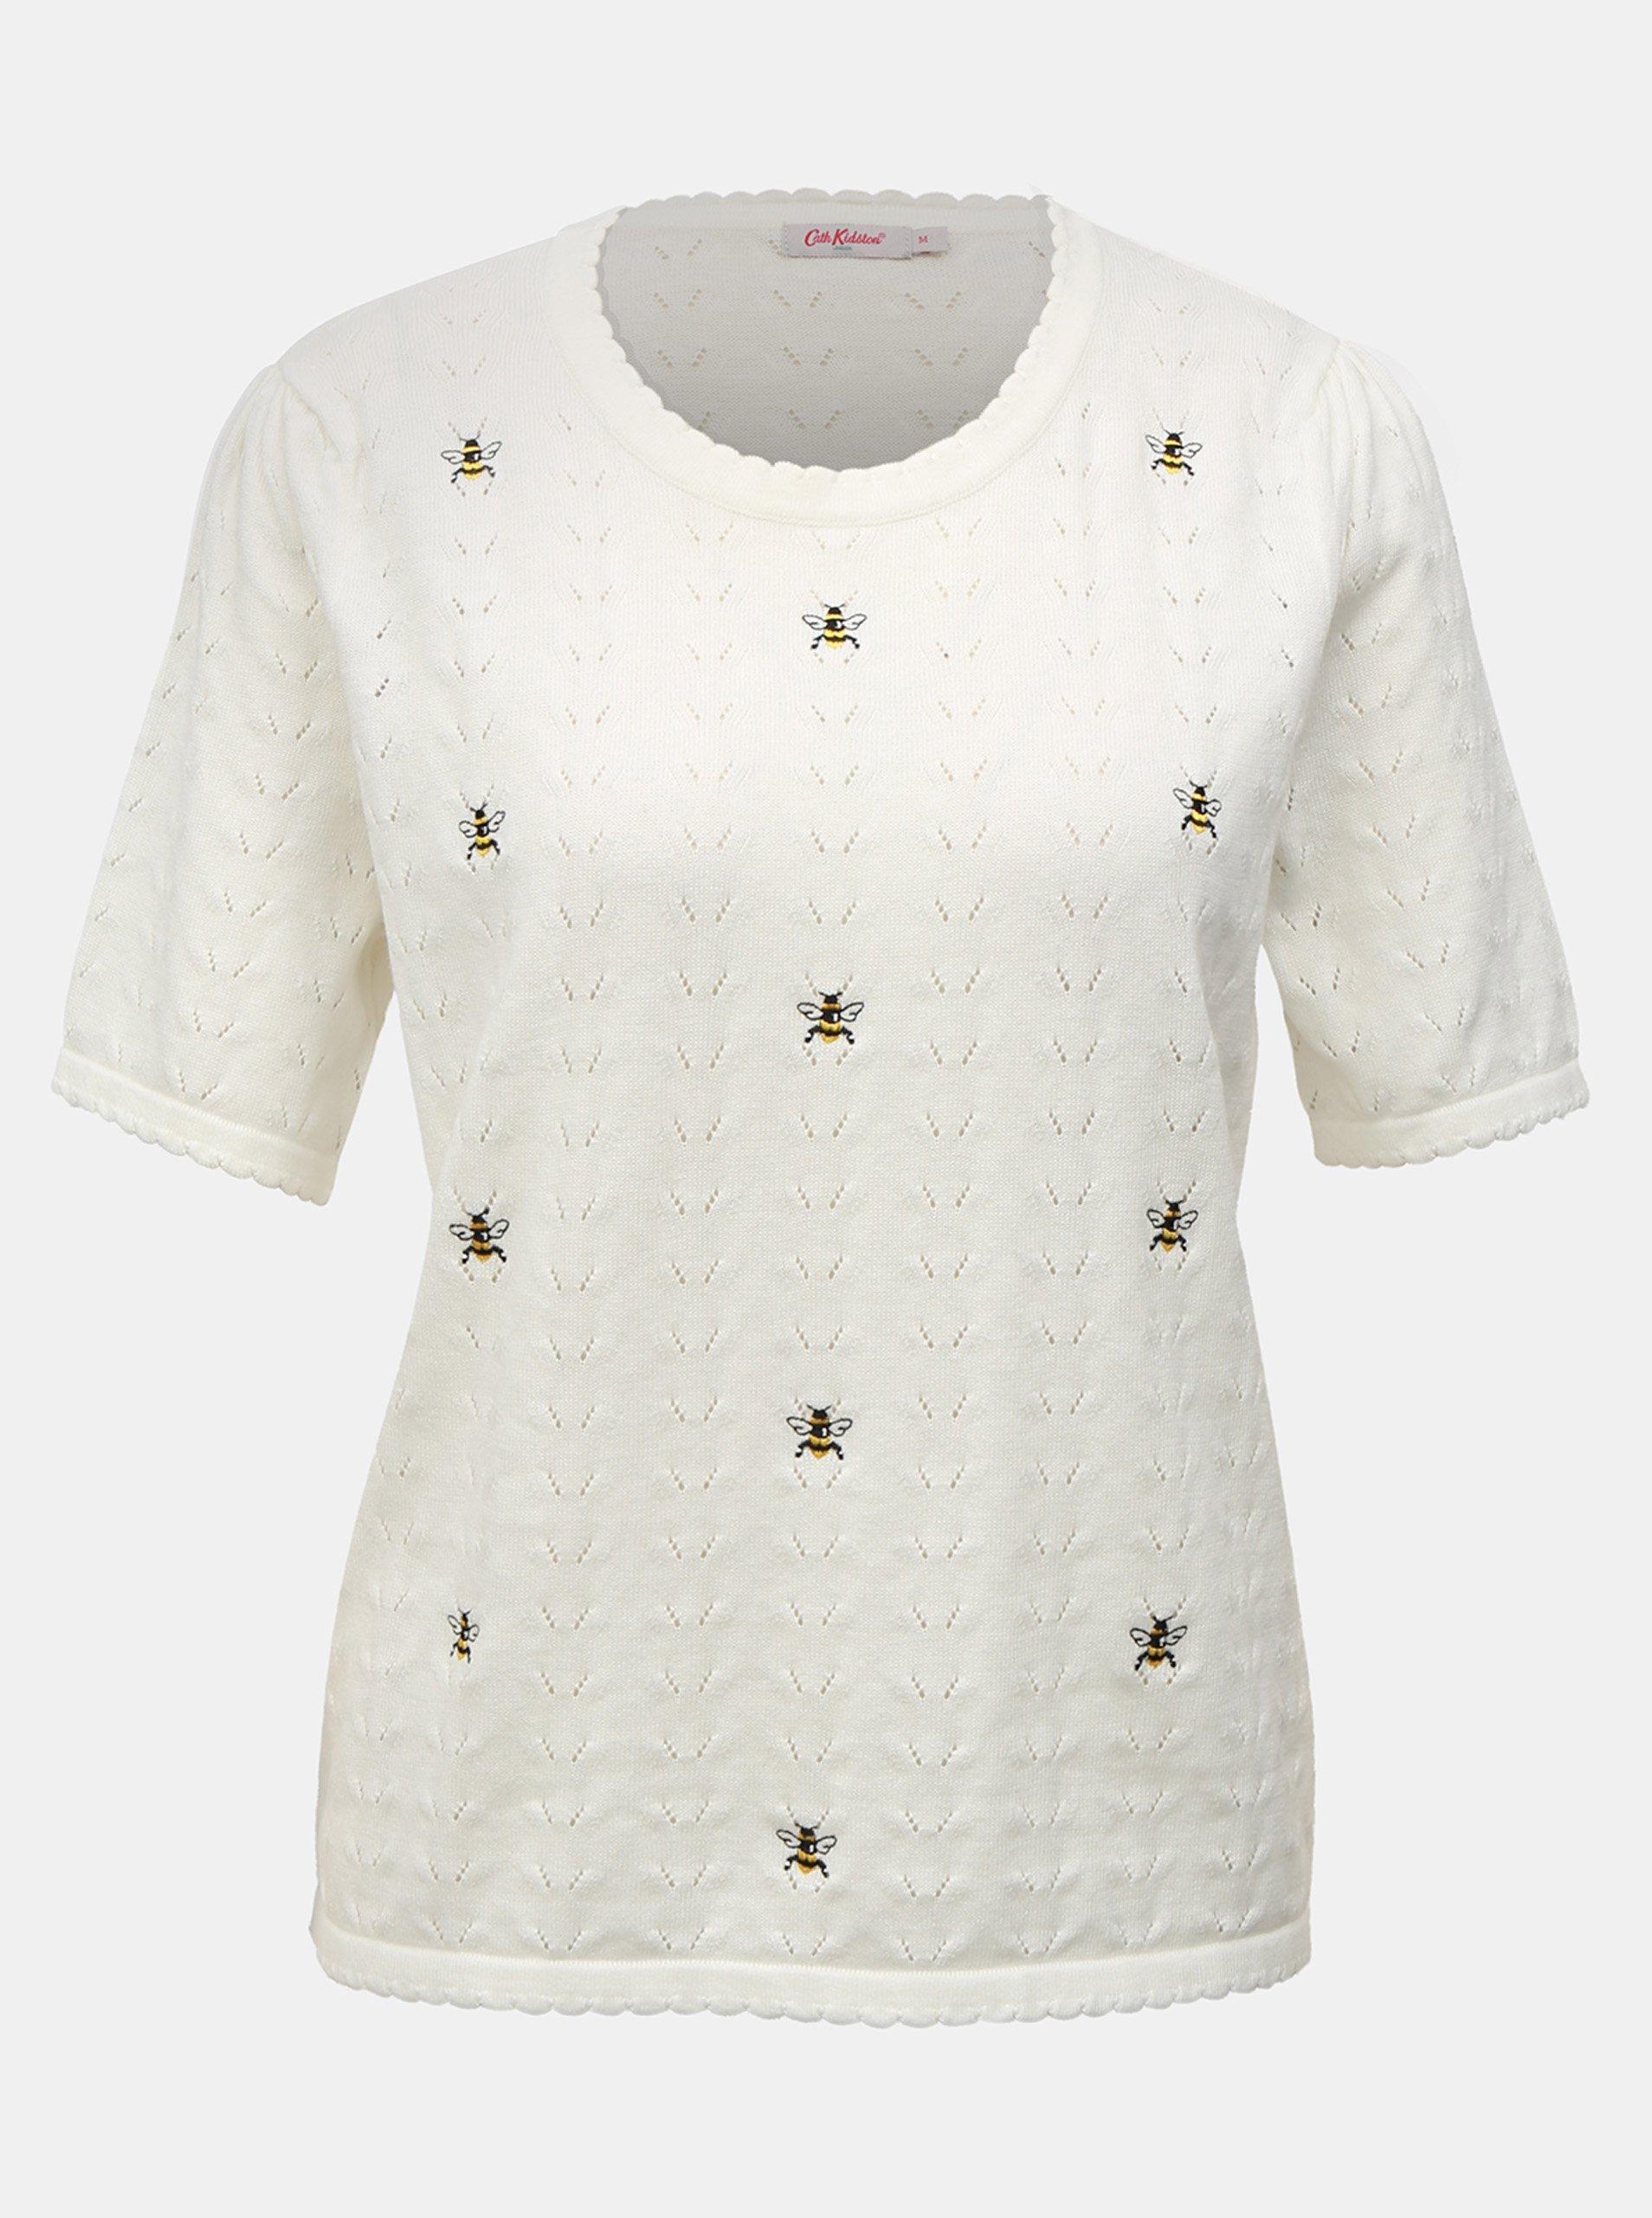 Fotografie Krémový dámský lehký svetr s krátkým rukávem a výšivkami Cath Kidston